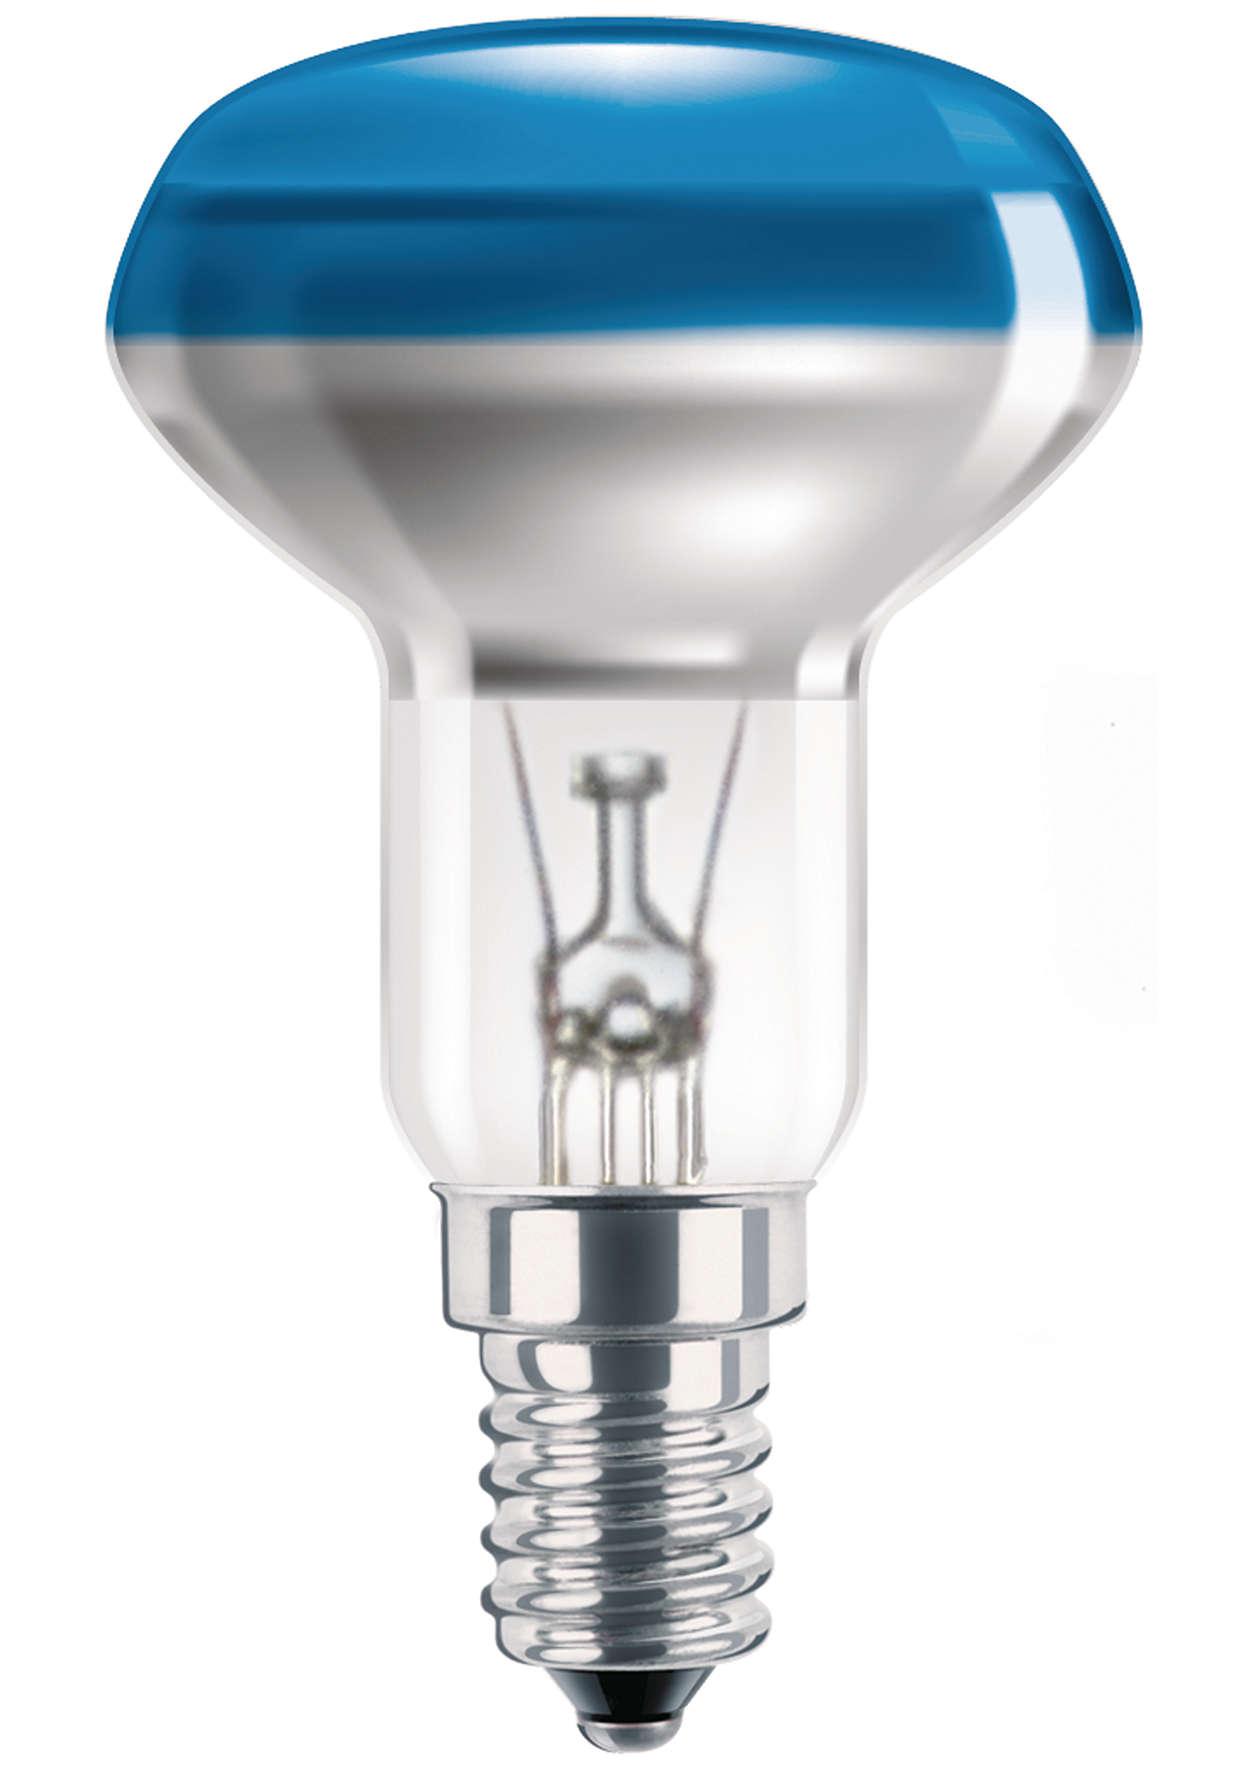 Lâmpadas incandescentes coloridas com revestimento superior